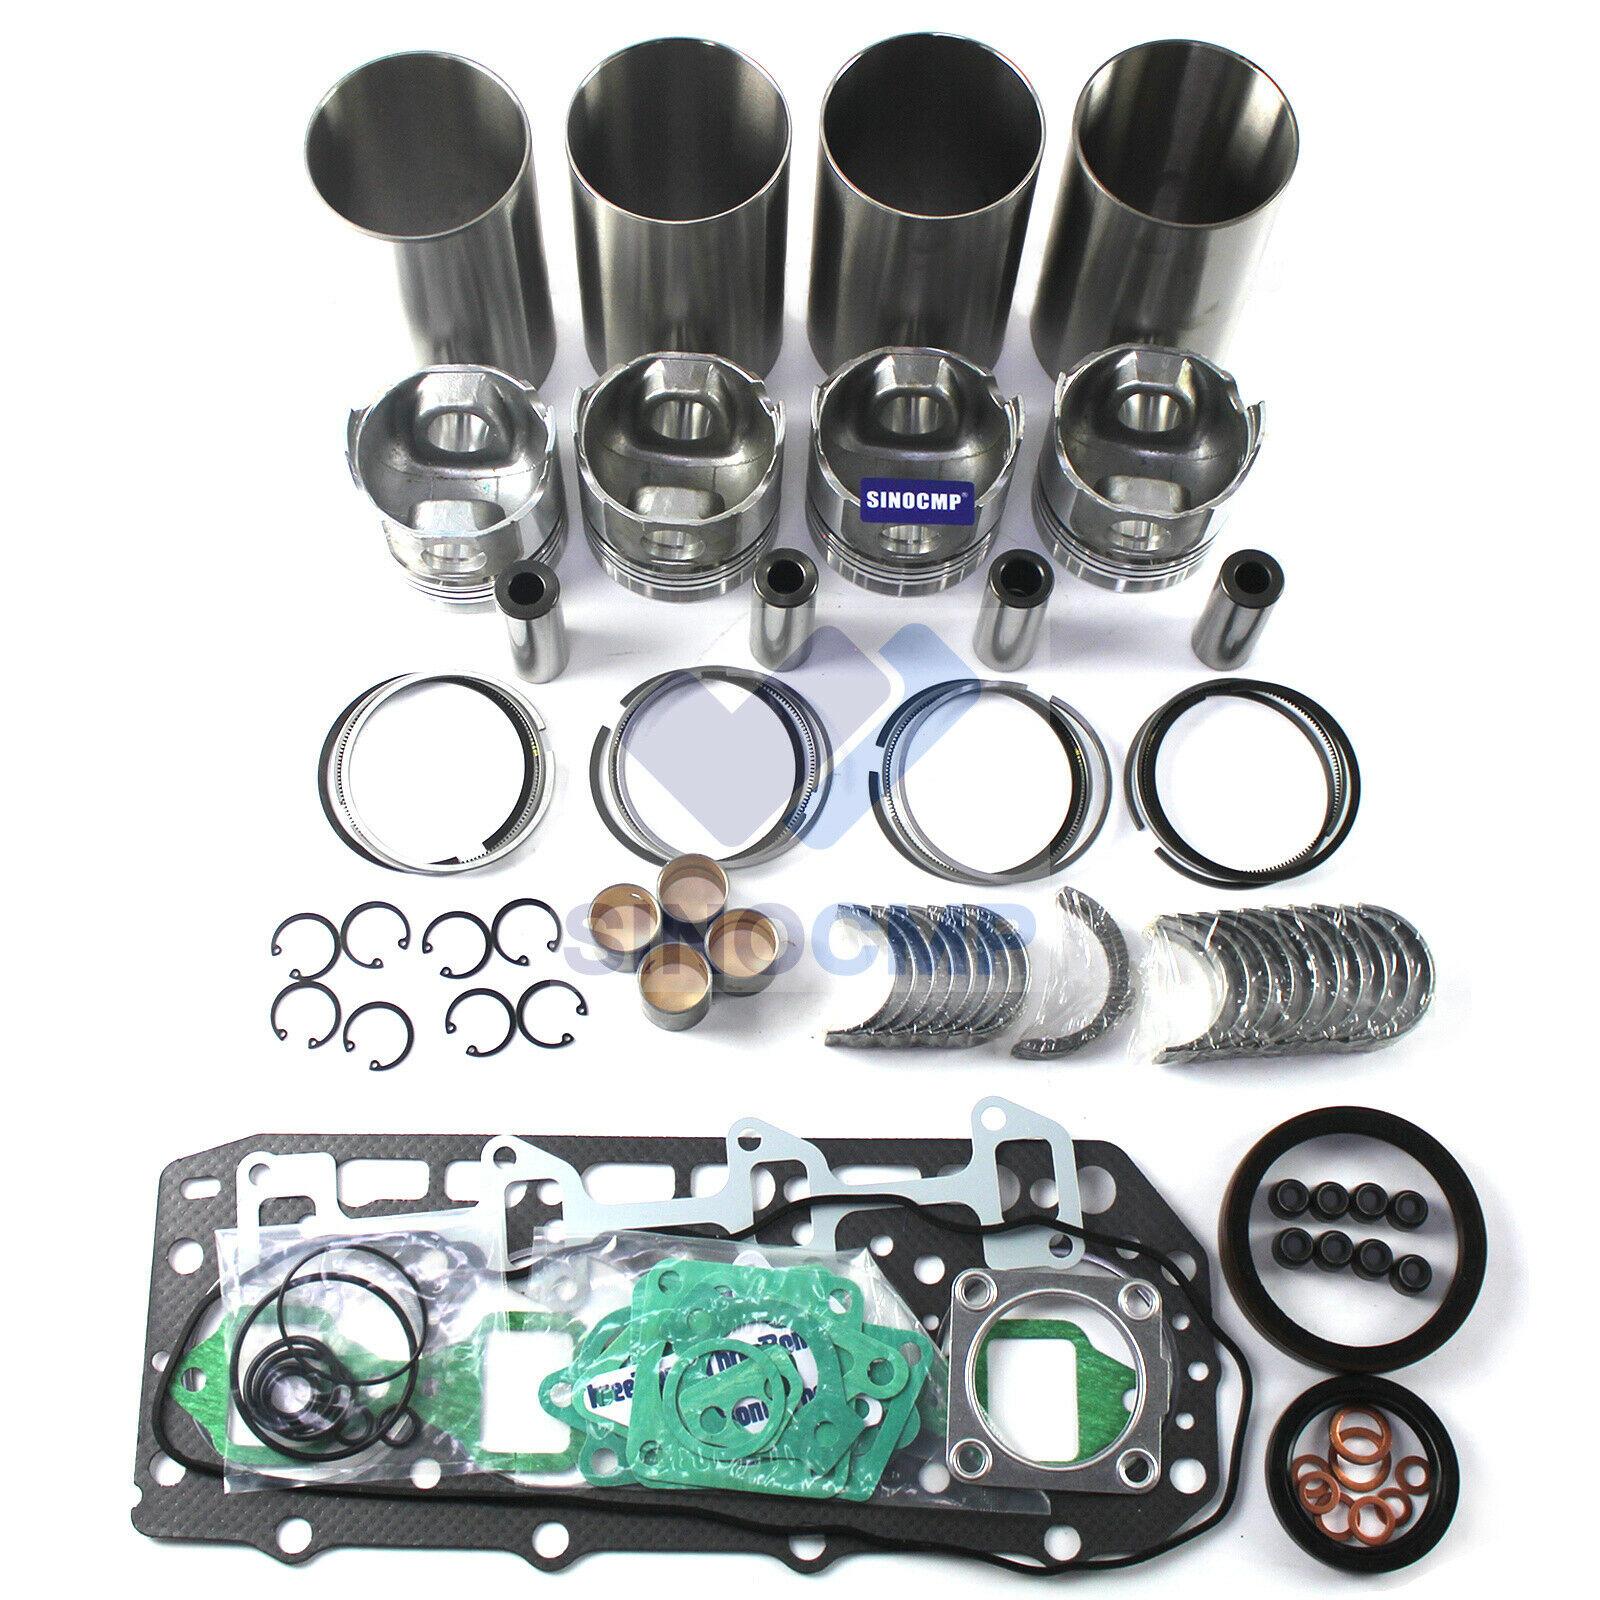 4TNV106 4TNV106t 4TNV106T-XTB 4tnv106-GGE 4TNV106-NTB motor Kit de reconstrucción para GEHL 7600 SL7600 S4D106D 4TNE106-G1A